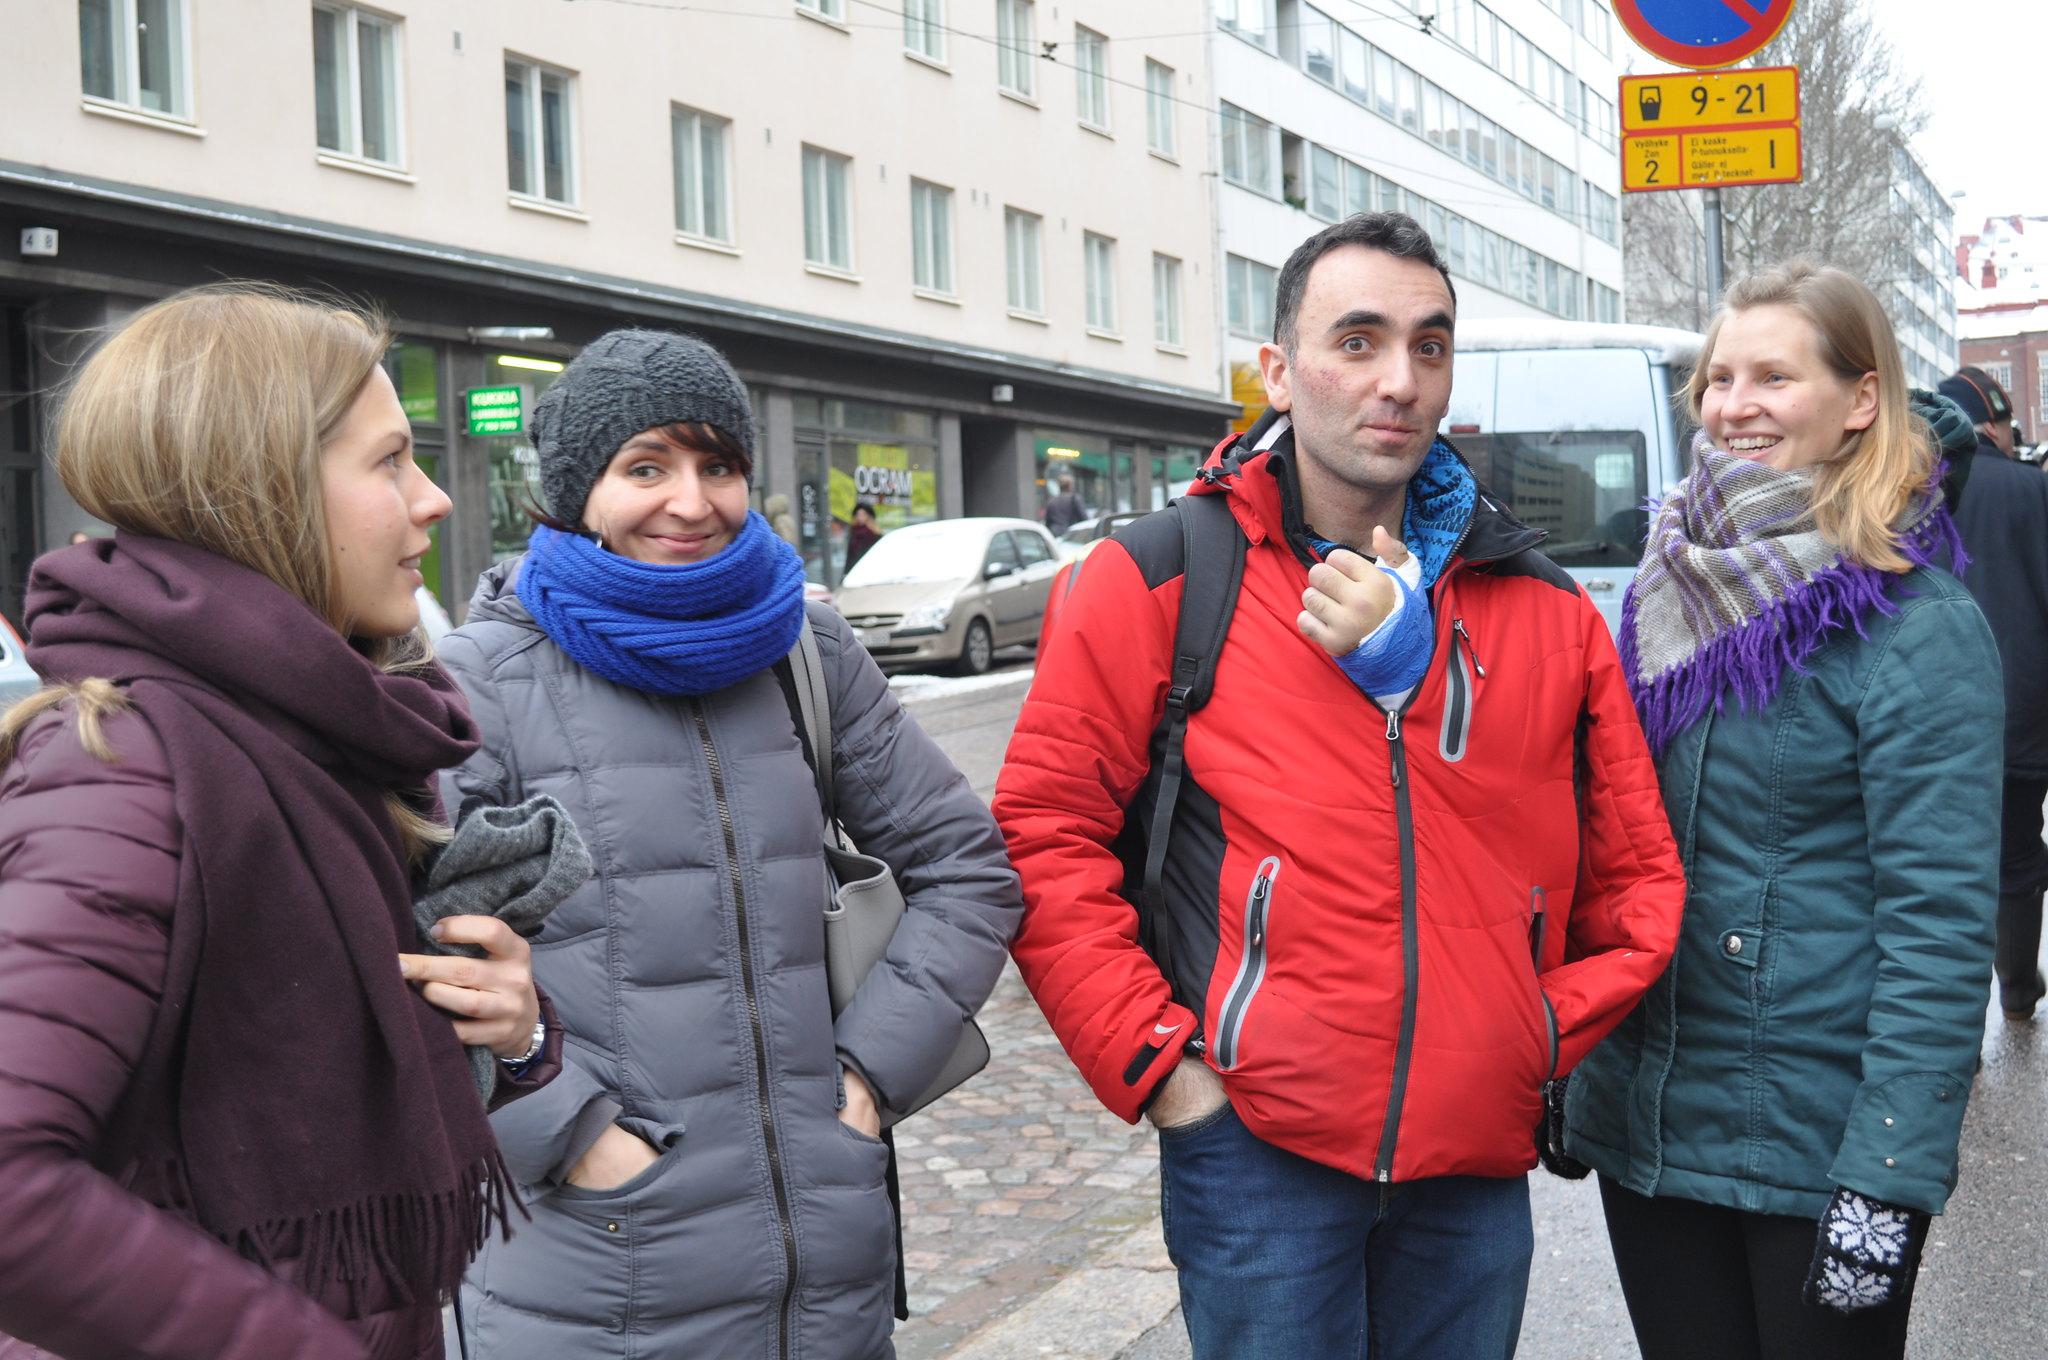 Finland Helsinki People